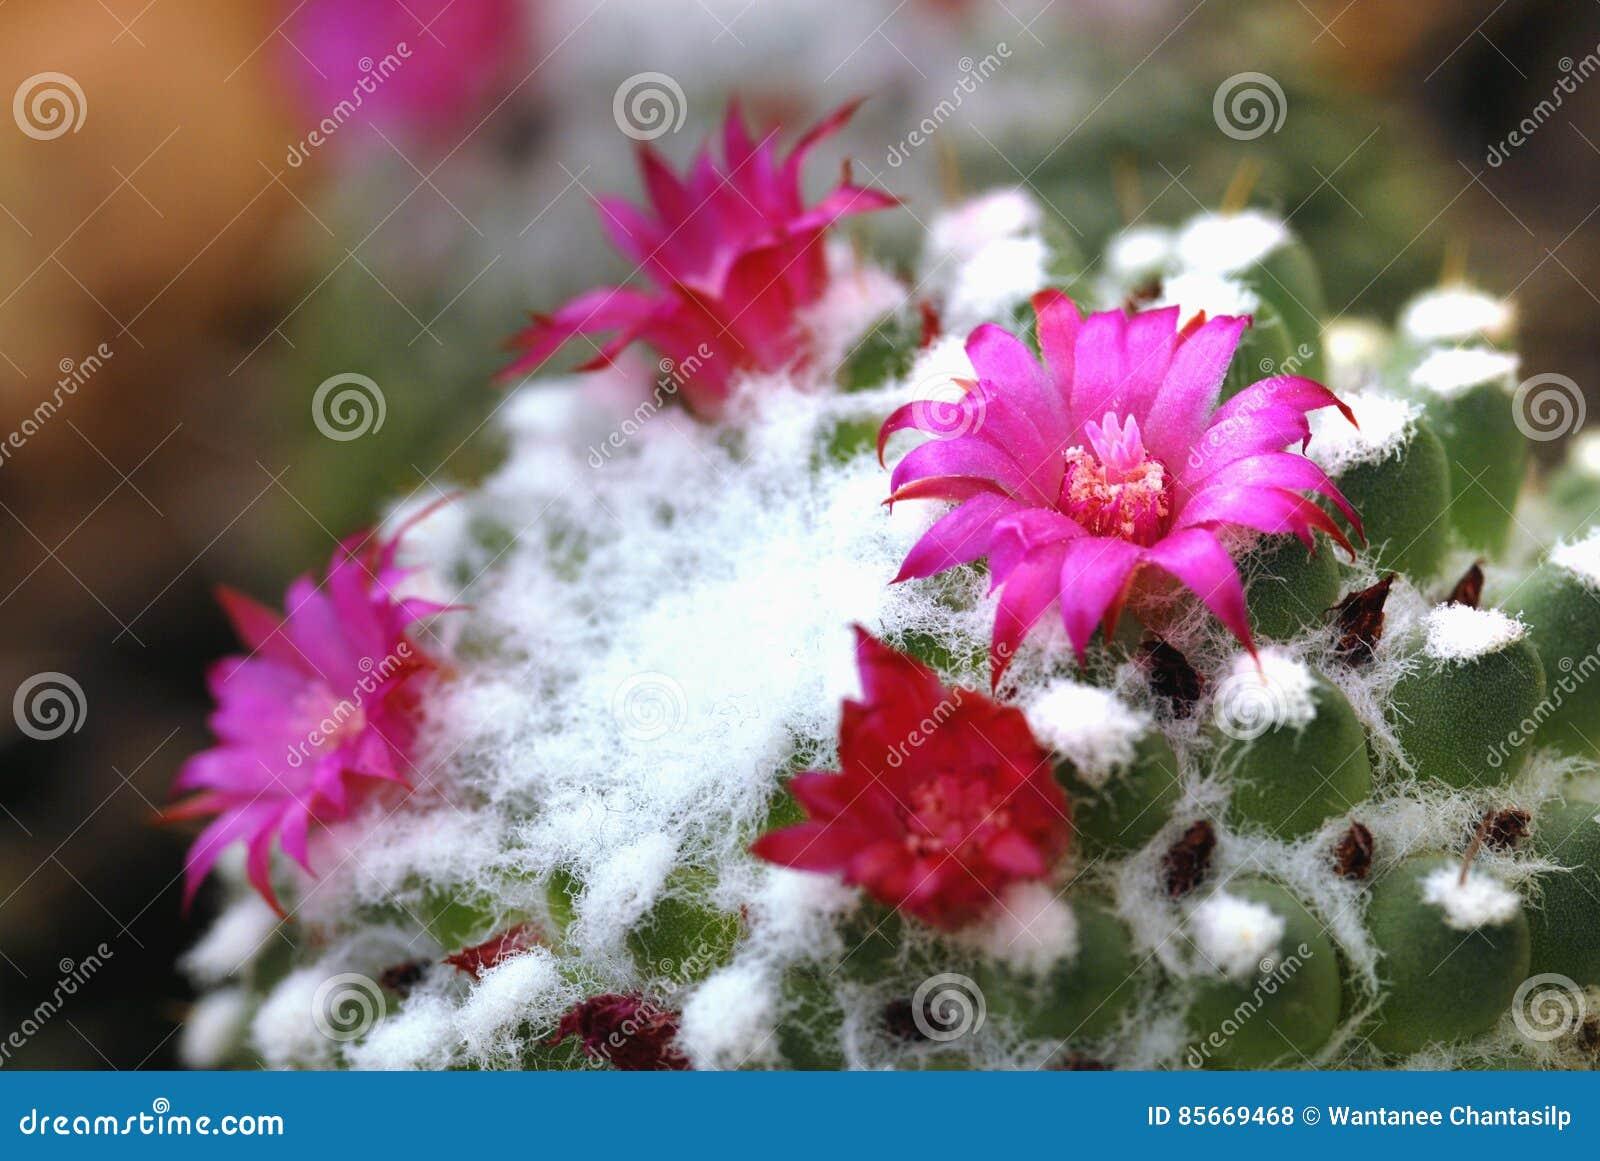 belles fleurs sauvages roses de floraison de cactus de désert